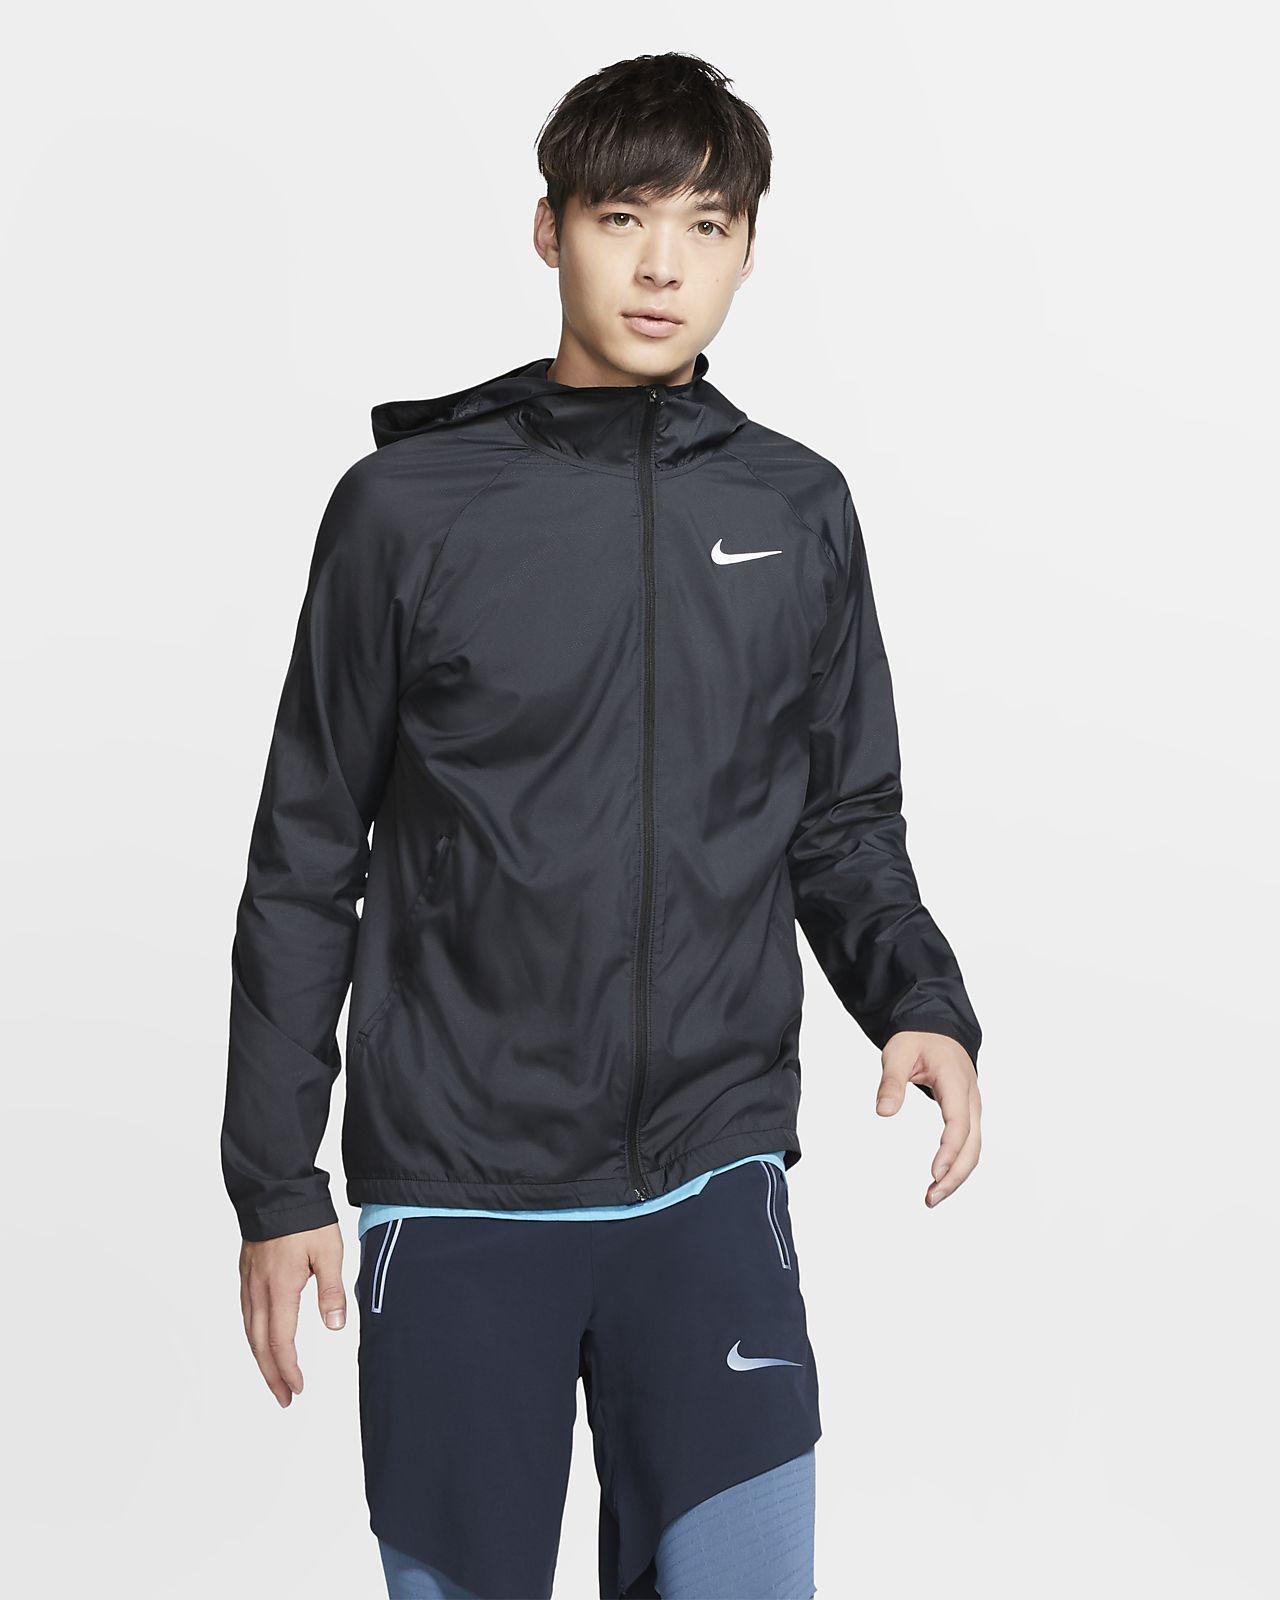 Nike Essential - løbejakke med hætte til mænd